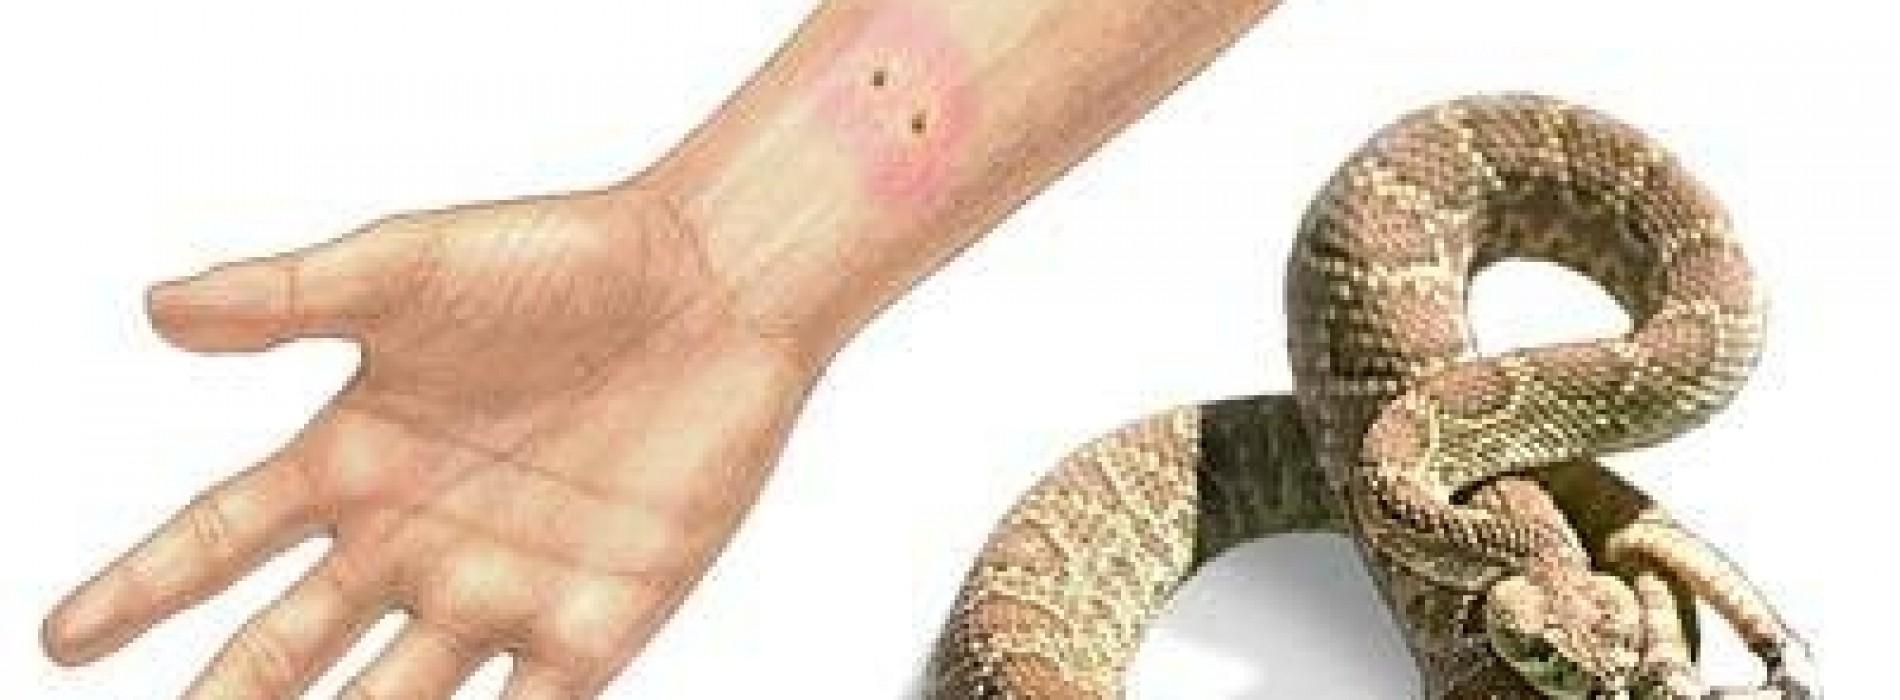 วิธีป้องกันและวิธีรักษาเมื่อถูกงูกัด